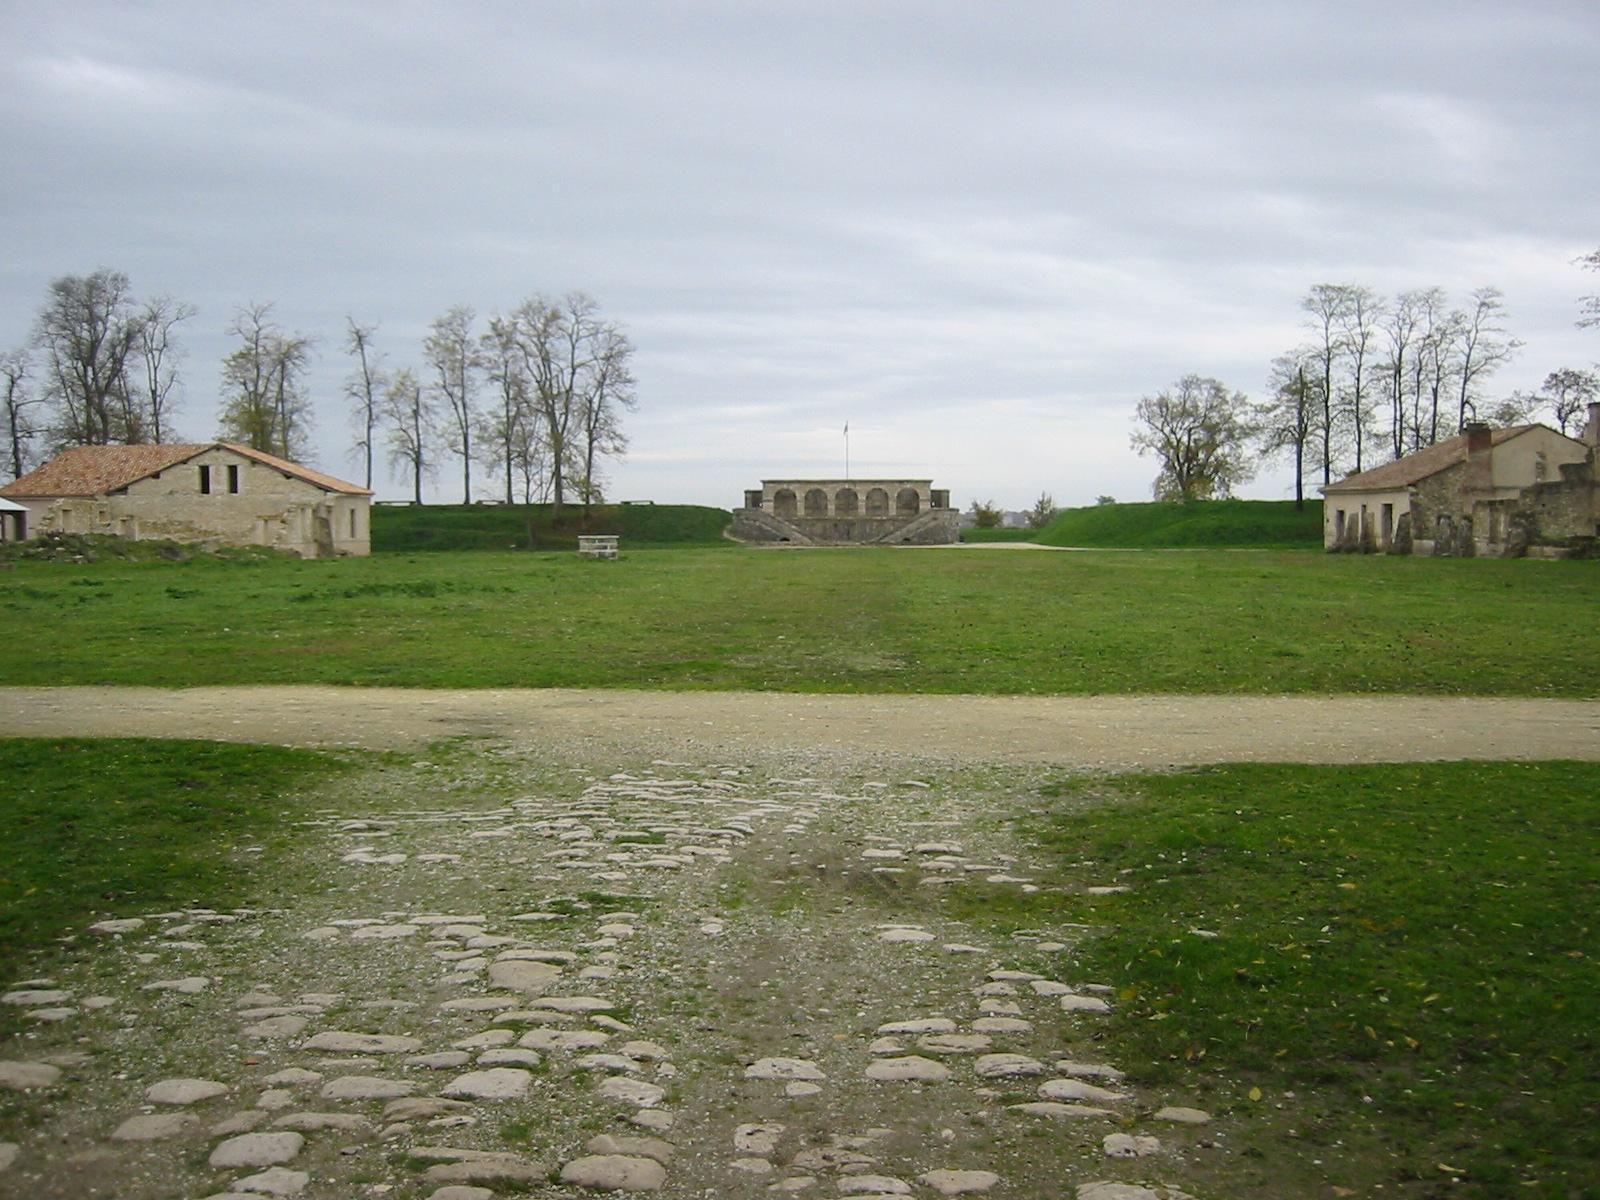 Image : Office de Tourisme* de Cussac-Fort-médoc